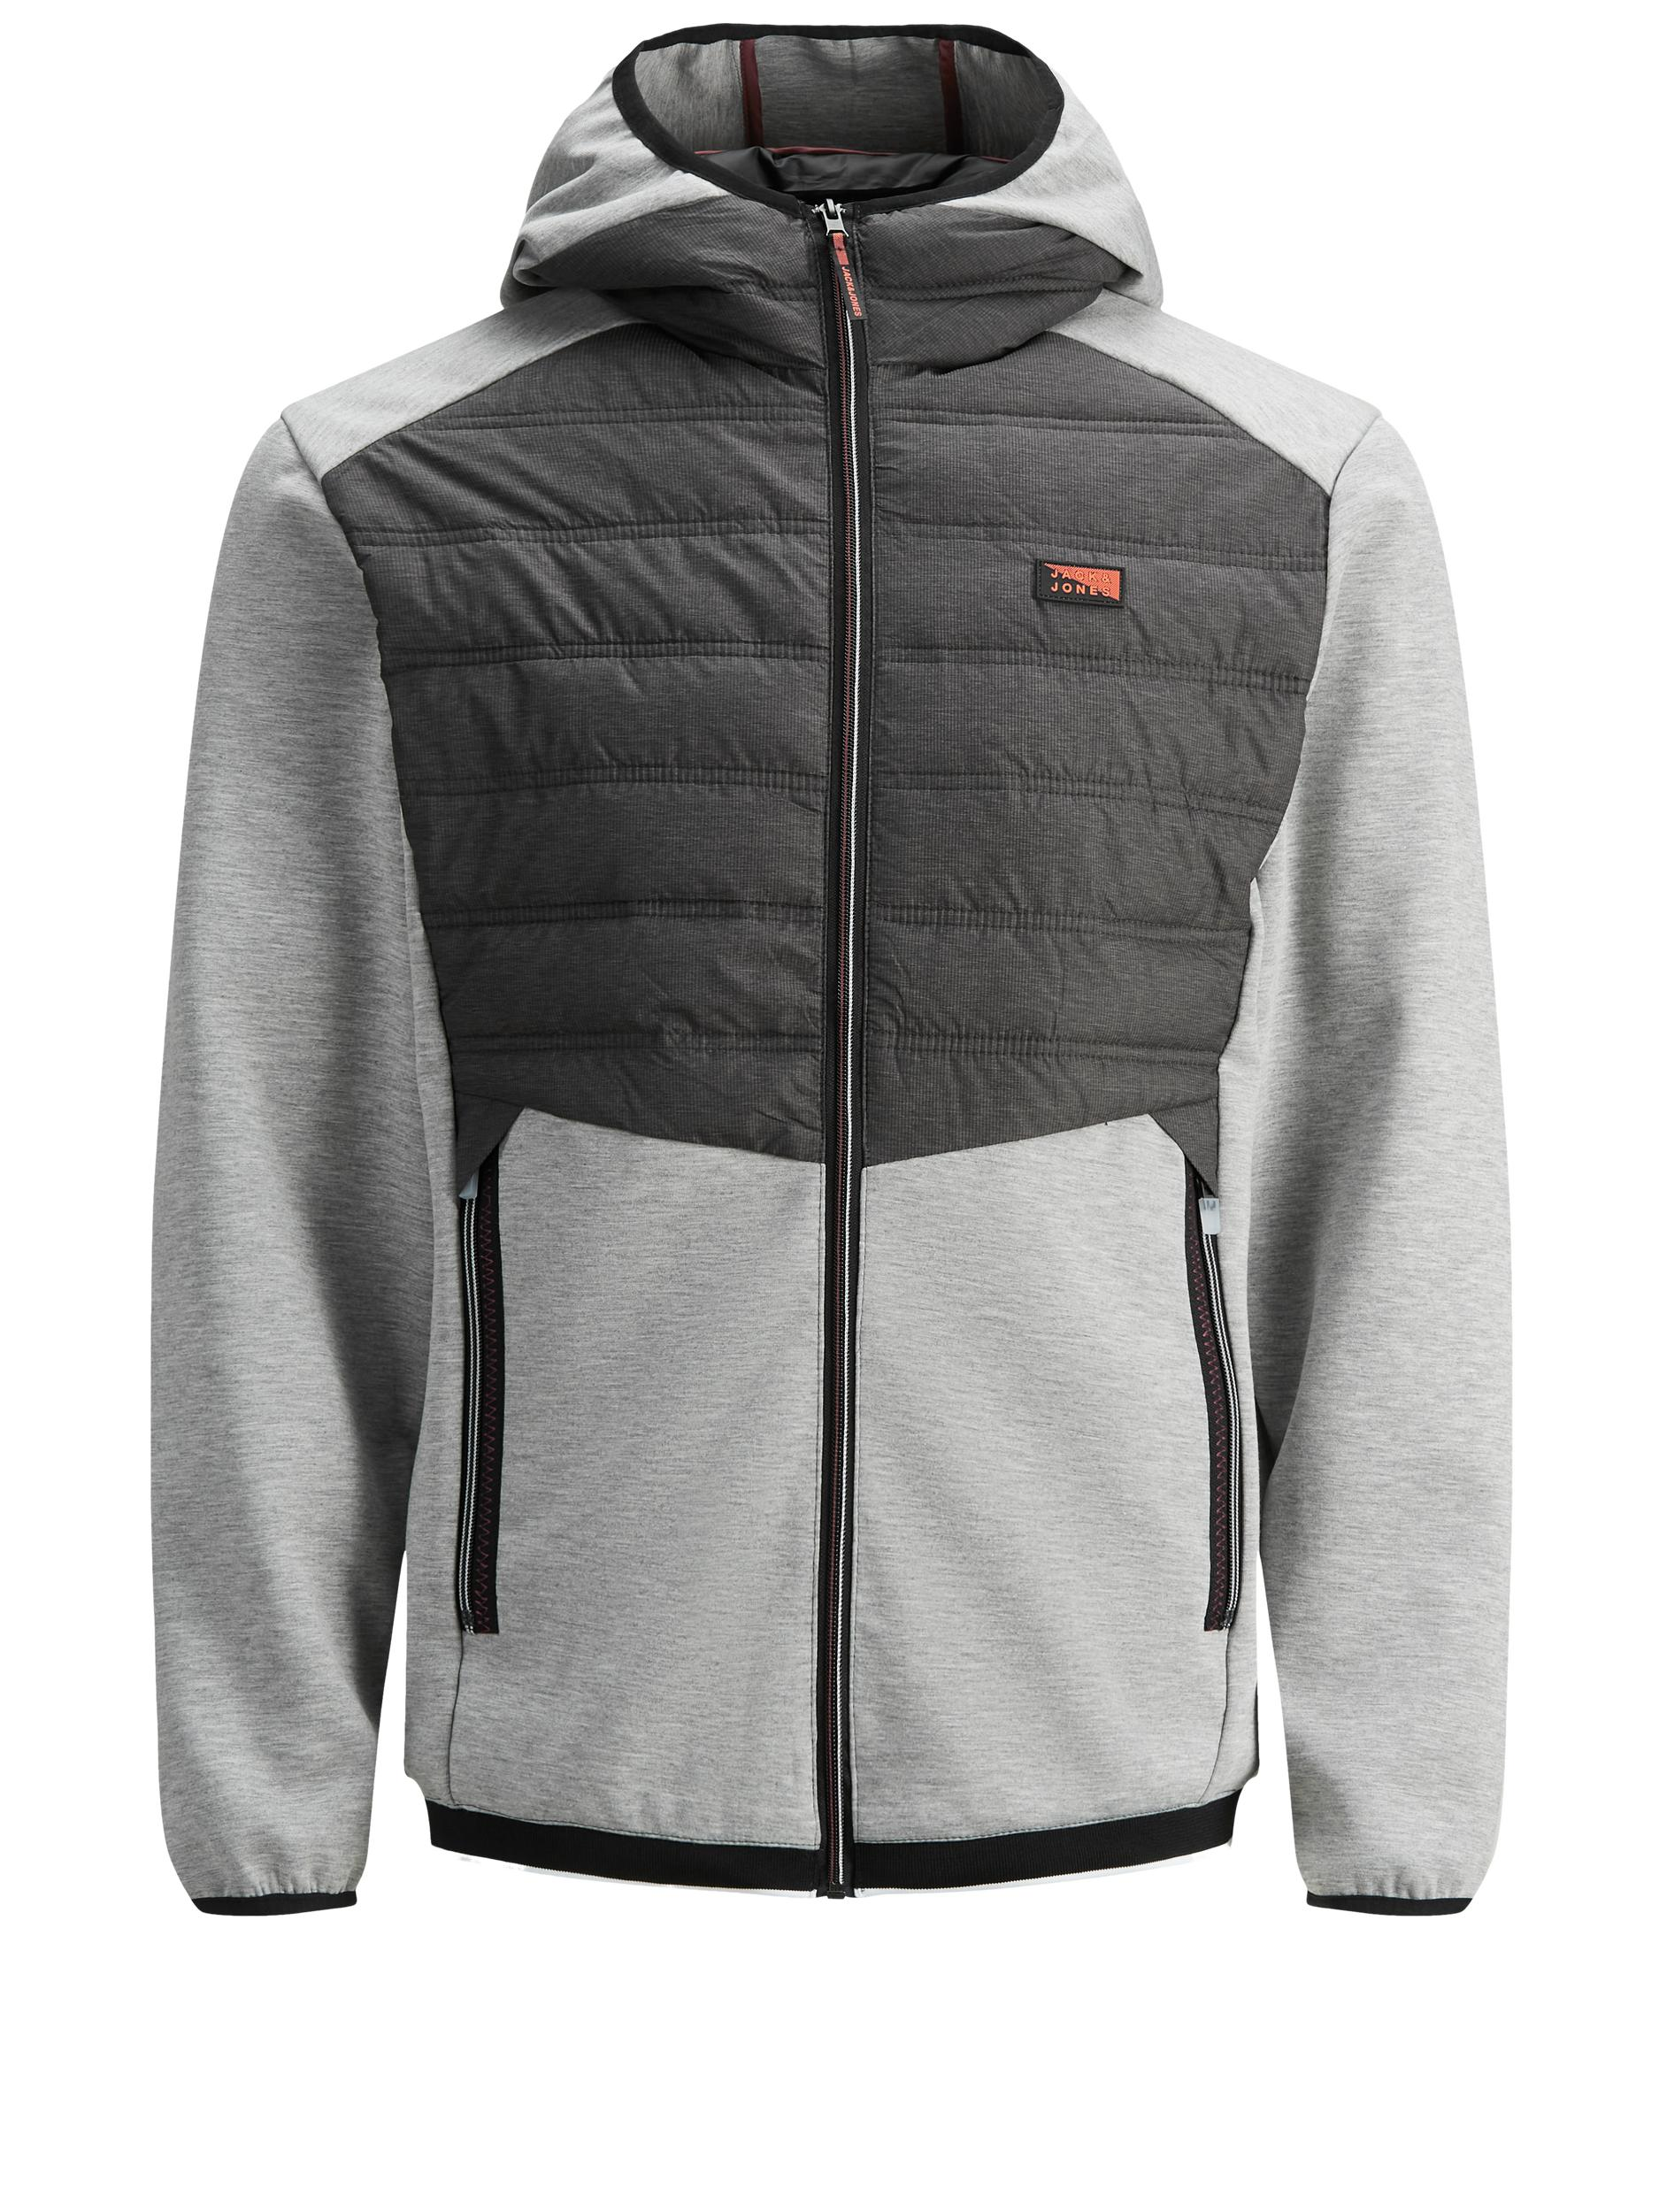 Jack & Jones Toby hybrid jacket